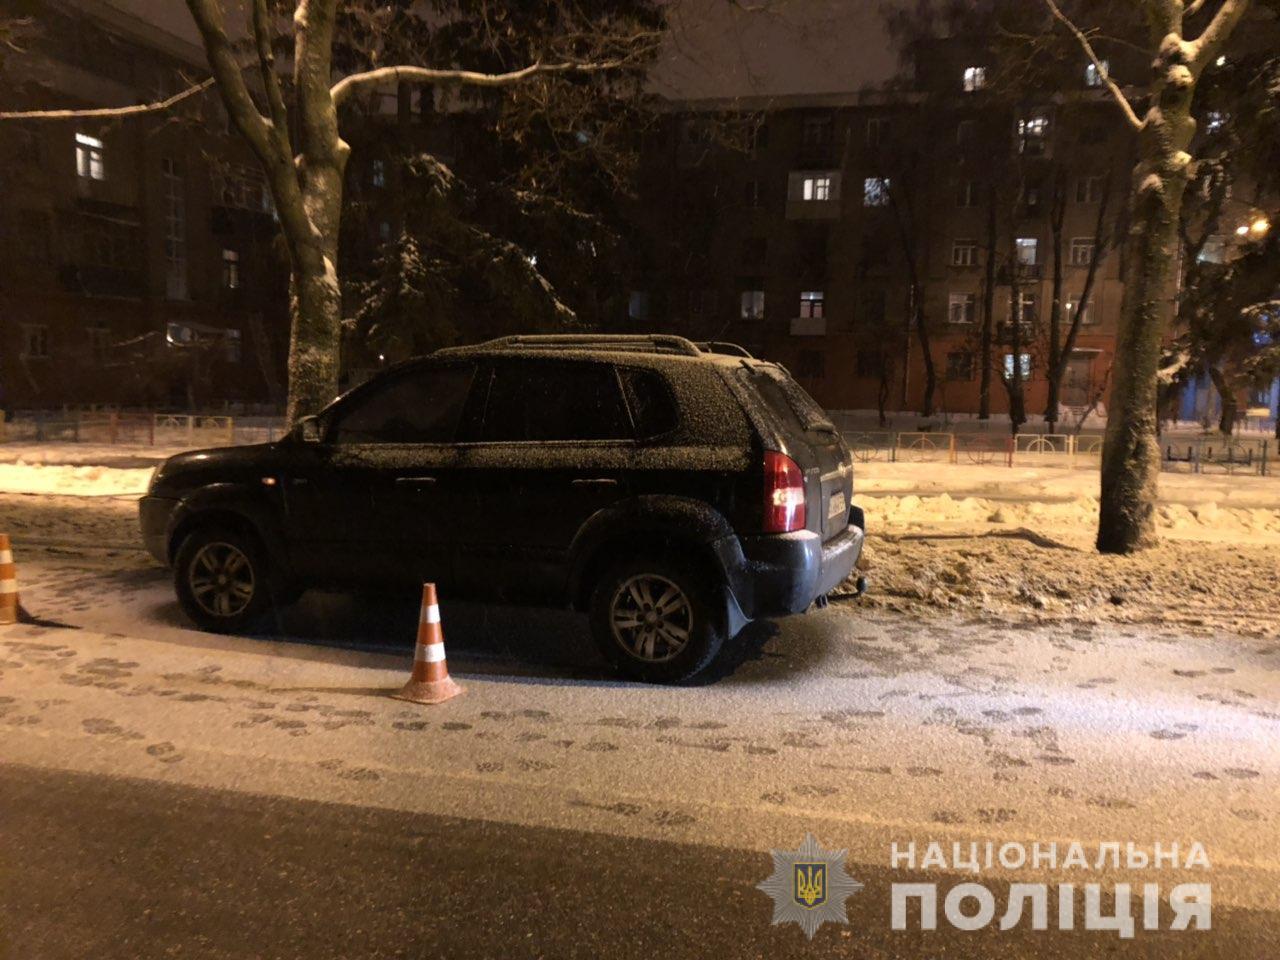 Полиция открыла уголовное дело по факту наезда на пешеходов на ул. Мира